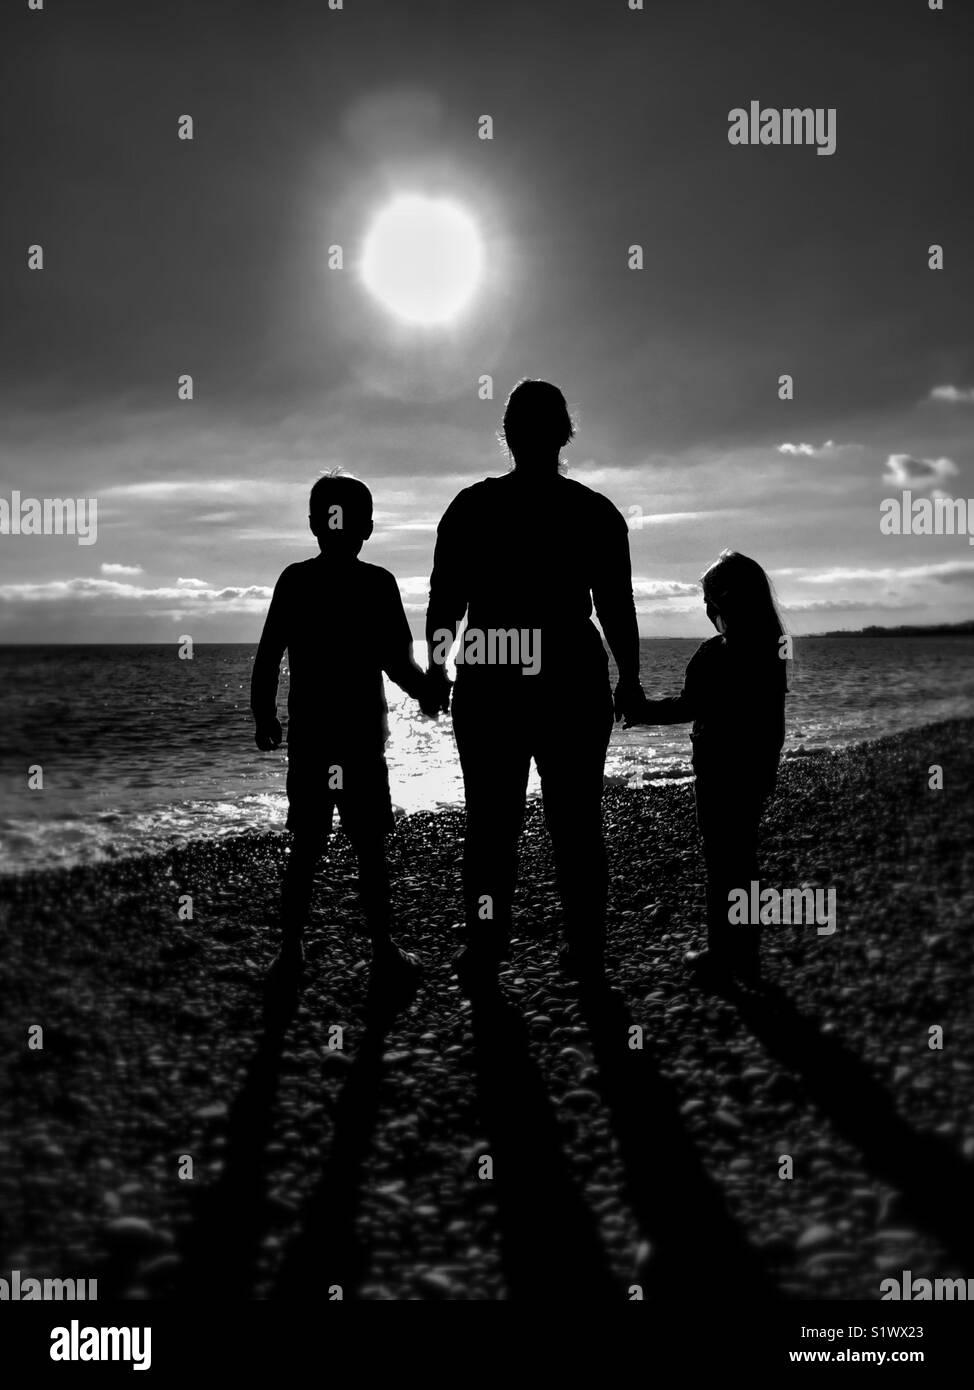 Una madre/moglie/lone parent tiene le mani di (lei?) 2 bambini come si trovano su una spiaggia & lo sguardo Immagini Stock